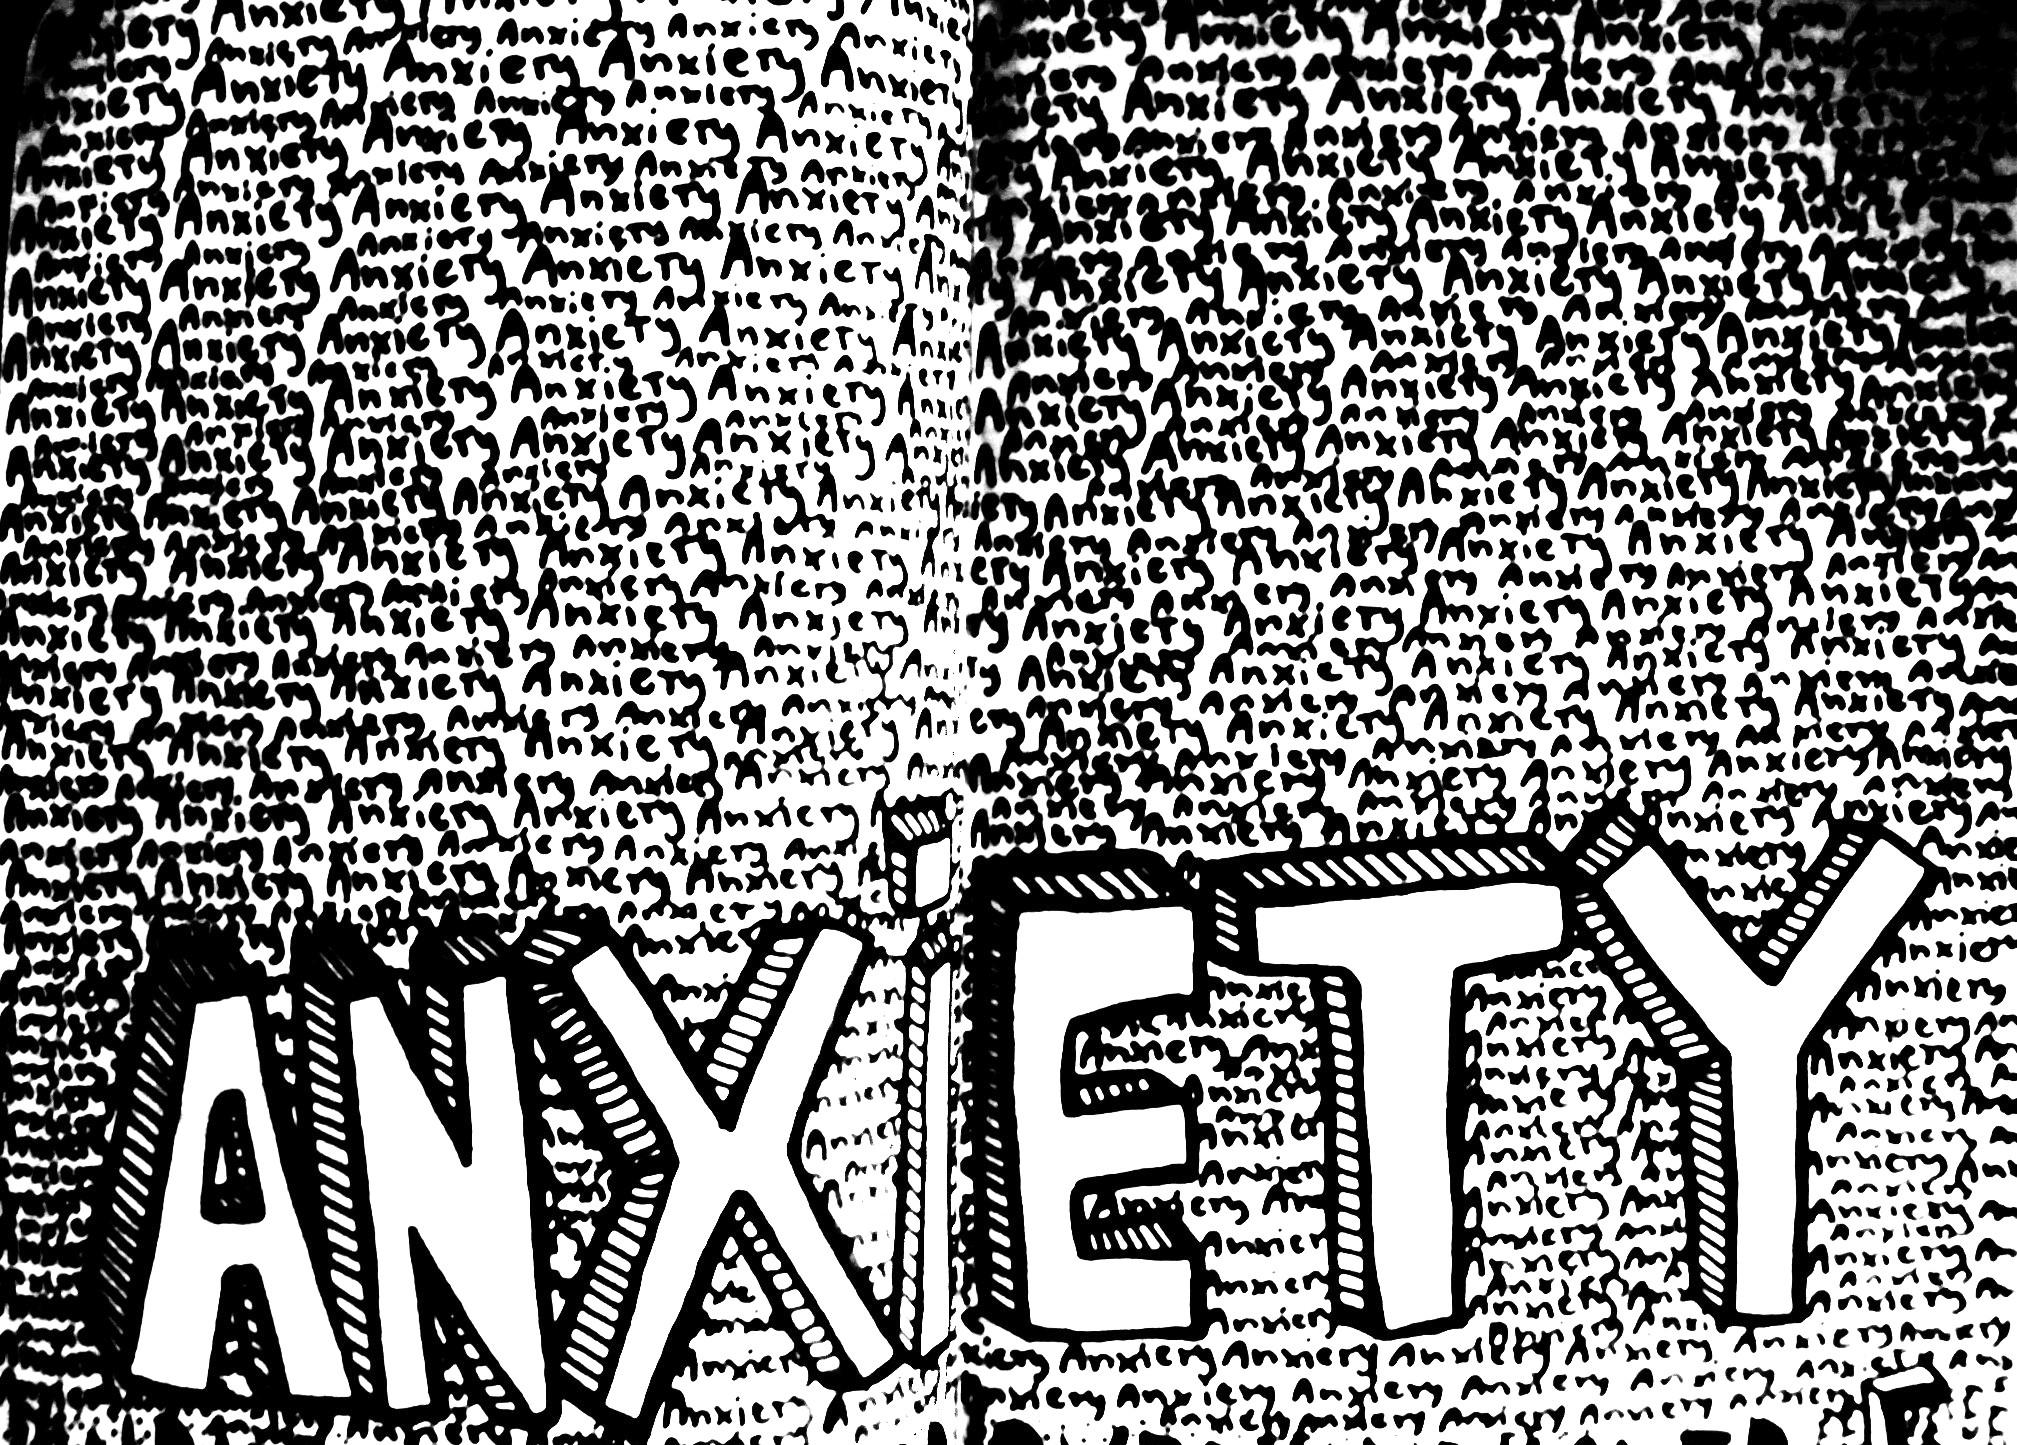 causas-da-ansiedade